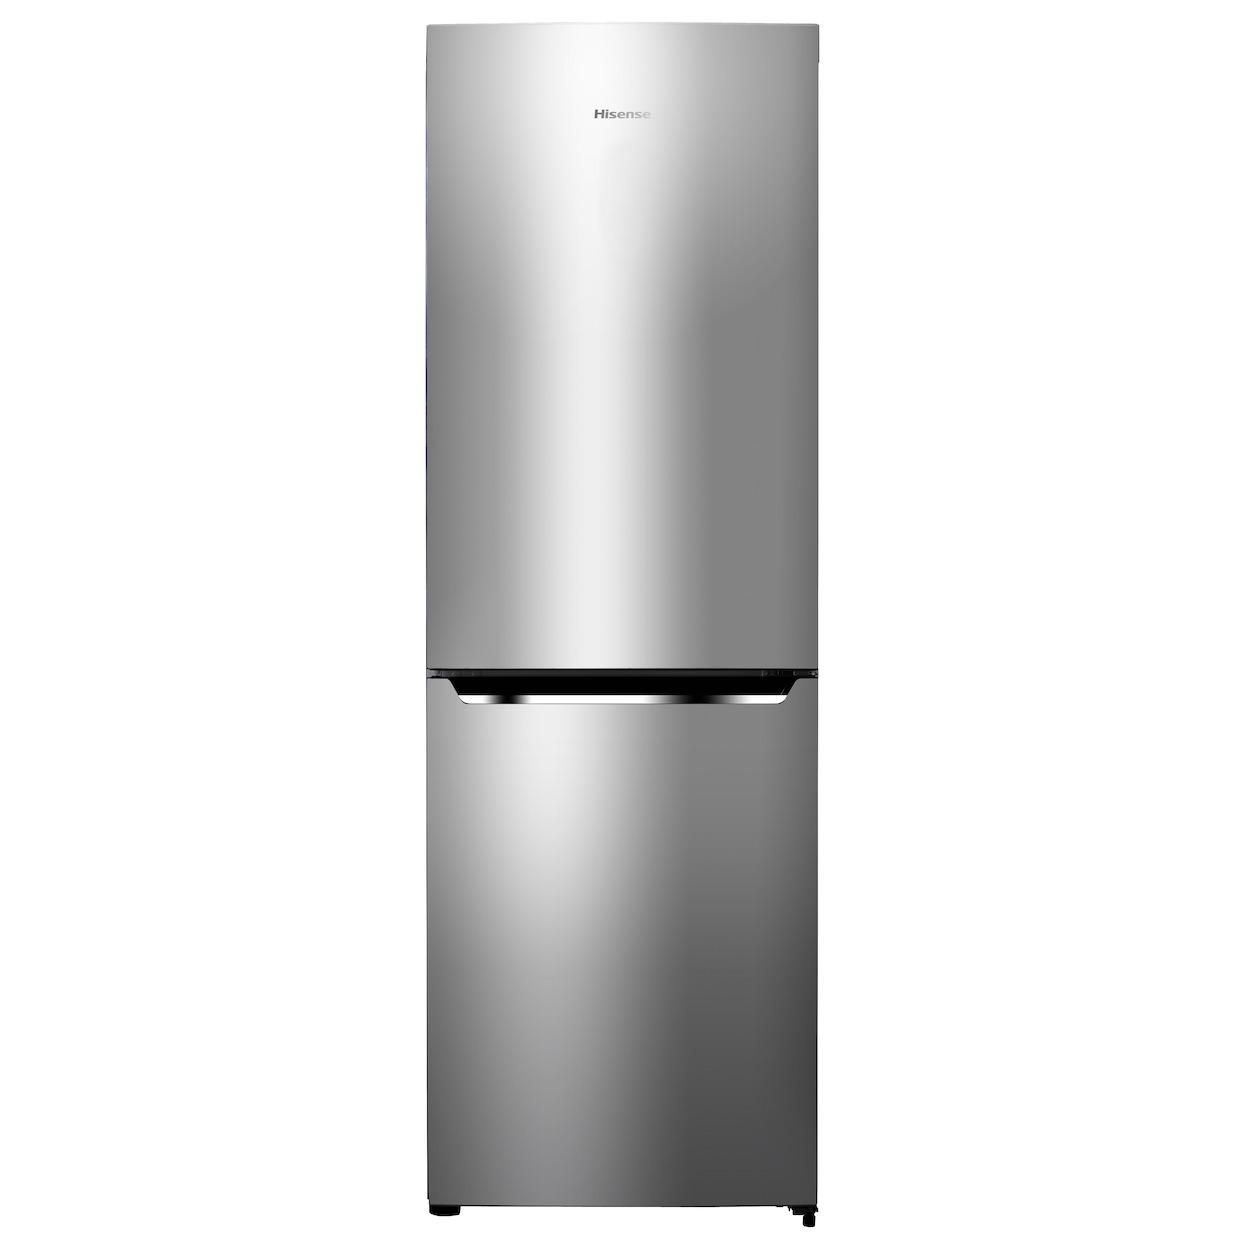 Hisense koelkast met vriesvak RB371N4EC2 - Prijsvergelijk